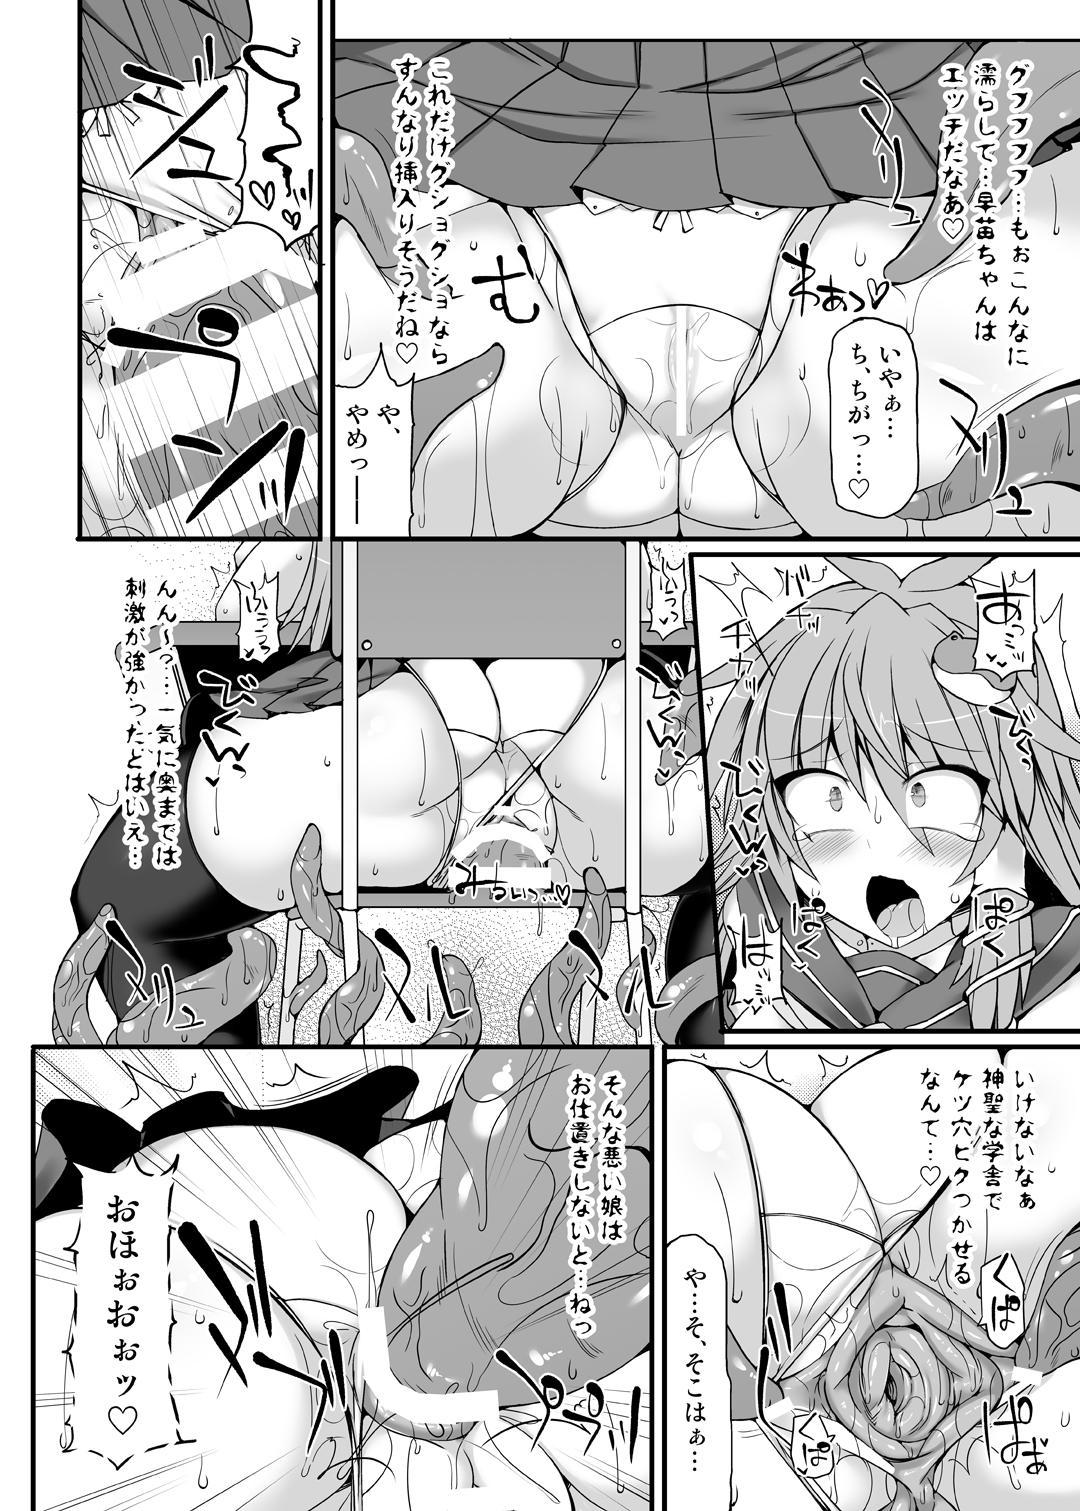 Miracle☆Oracle Sanae Sweet 2 10